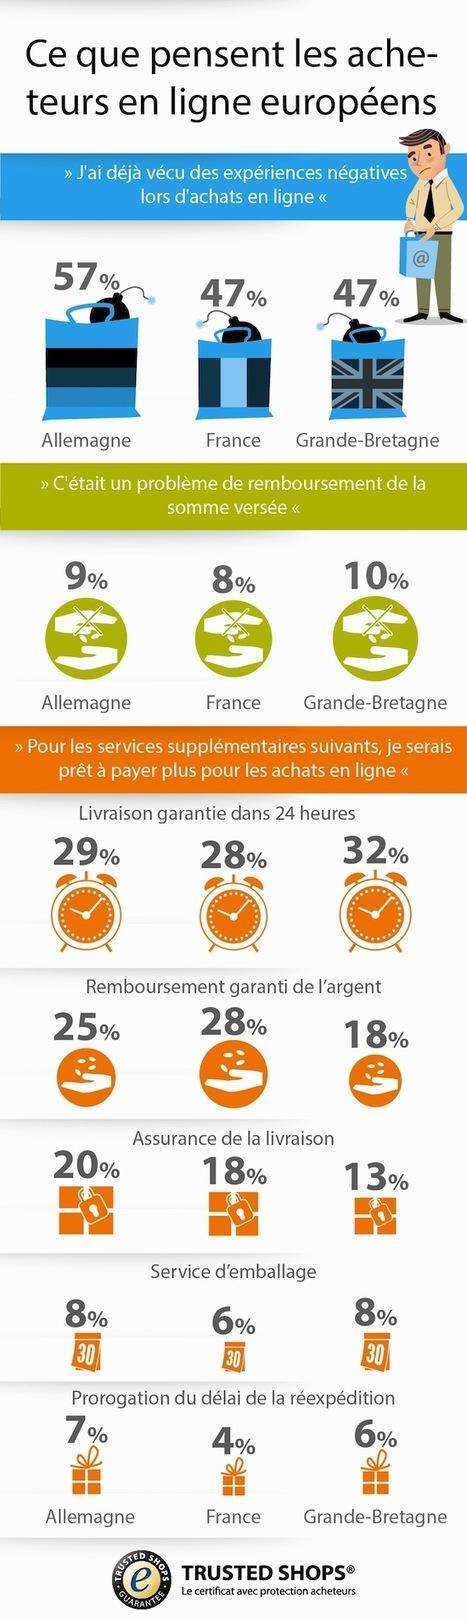 [Infographie] Achats online : les services qu'attendent les consommateurs européens   Actu et stratégie e-commerce   Scoop.it